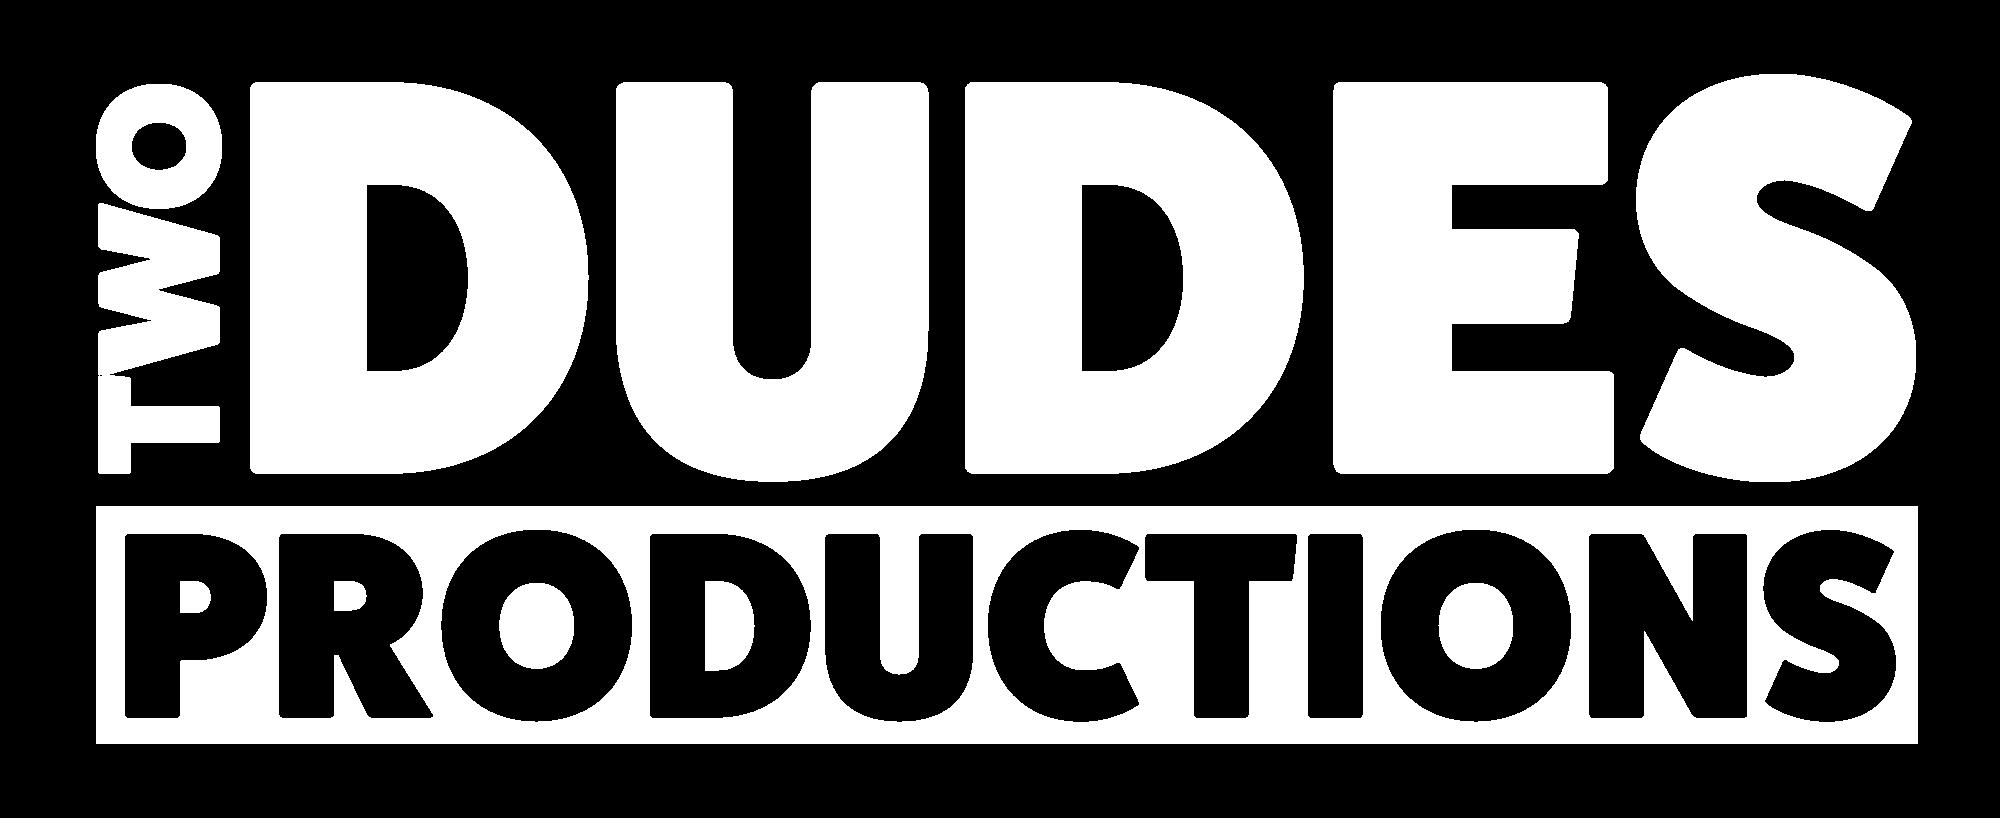 Prod_Productions Copy.png